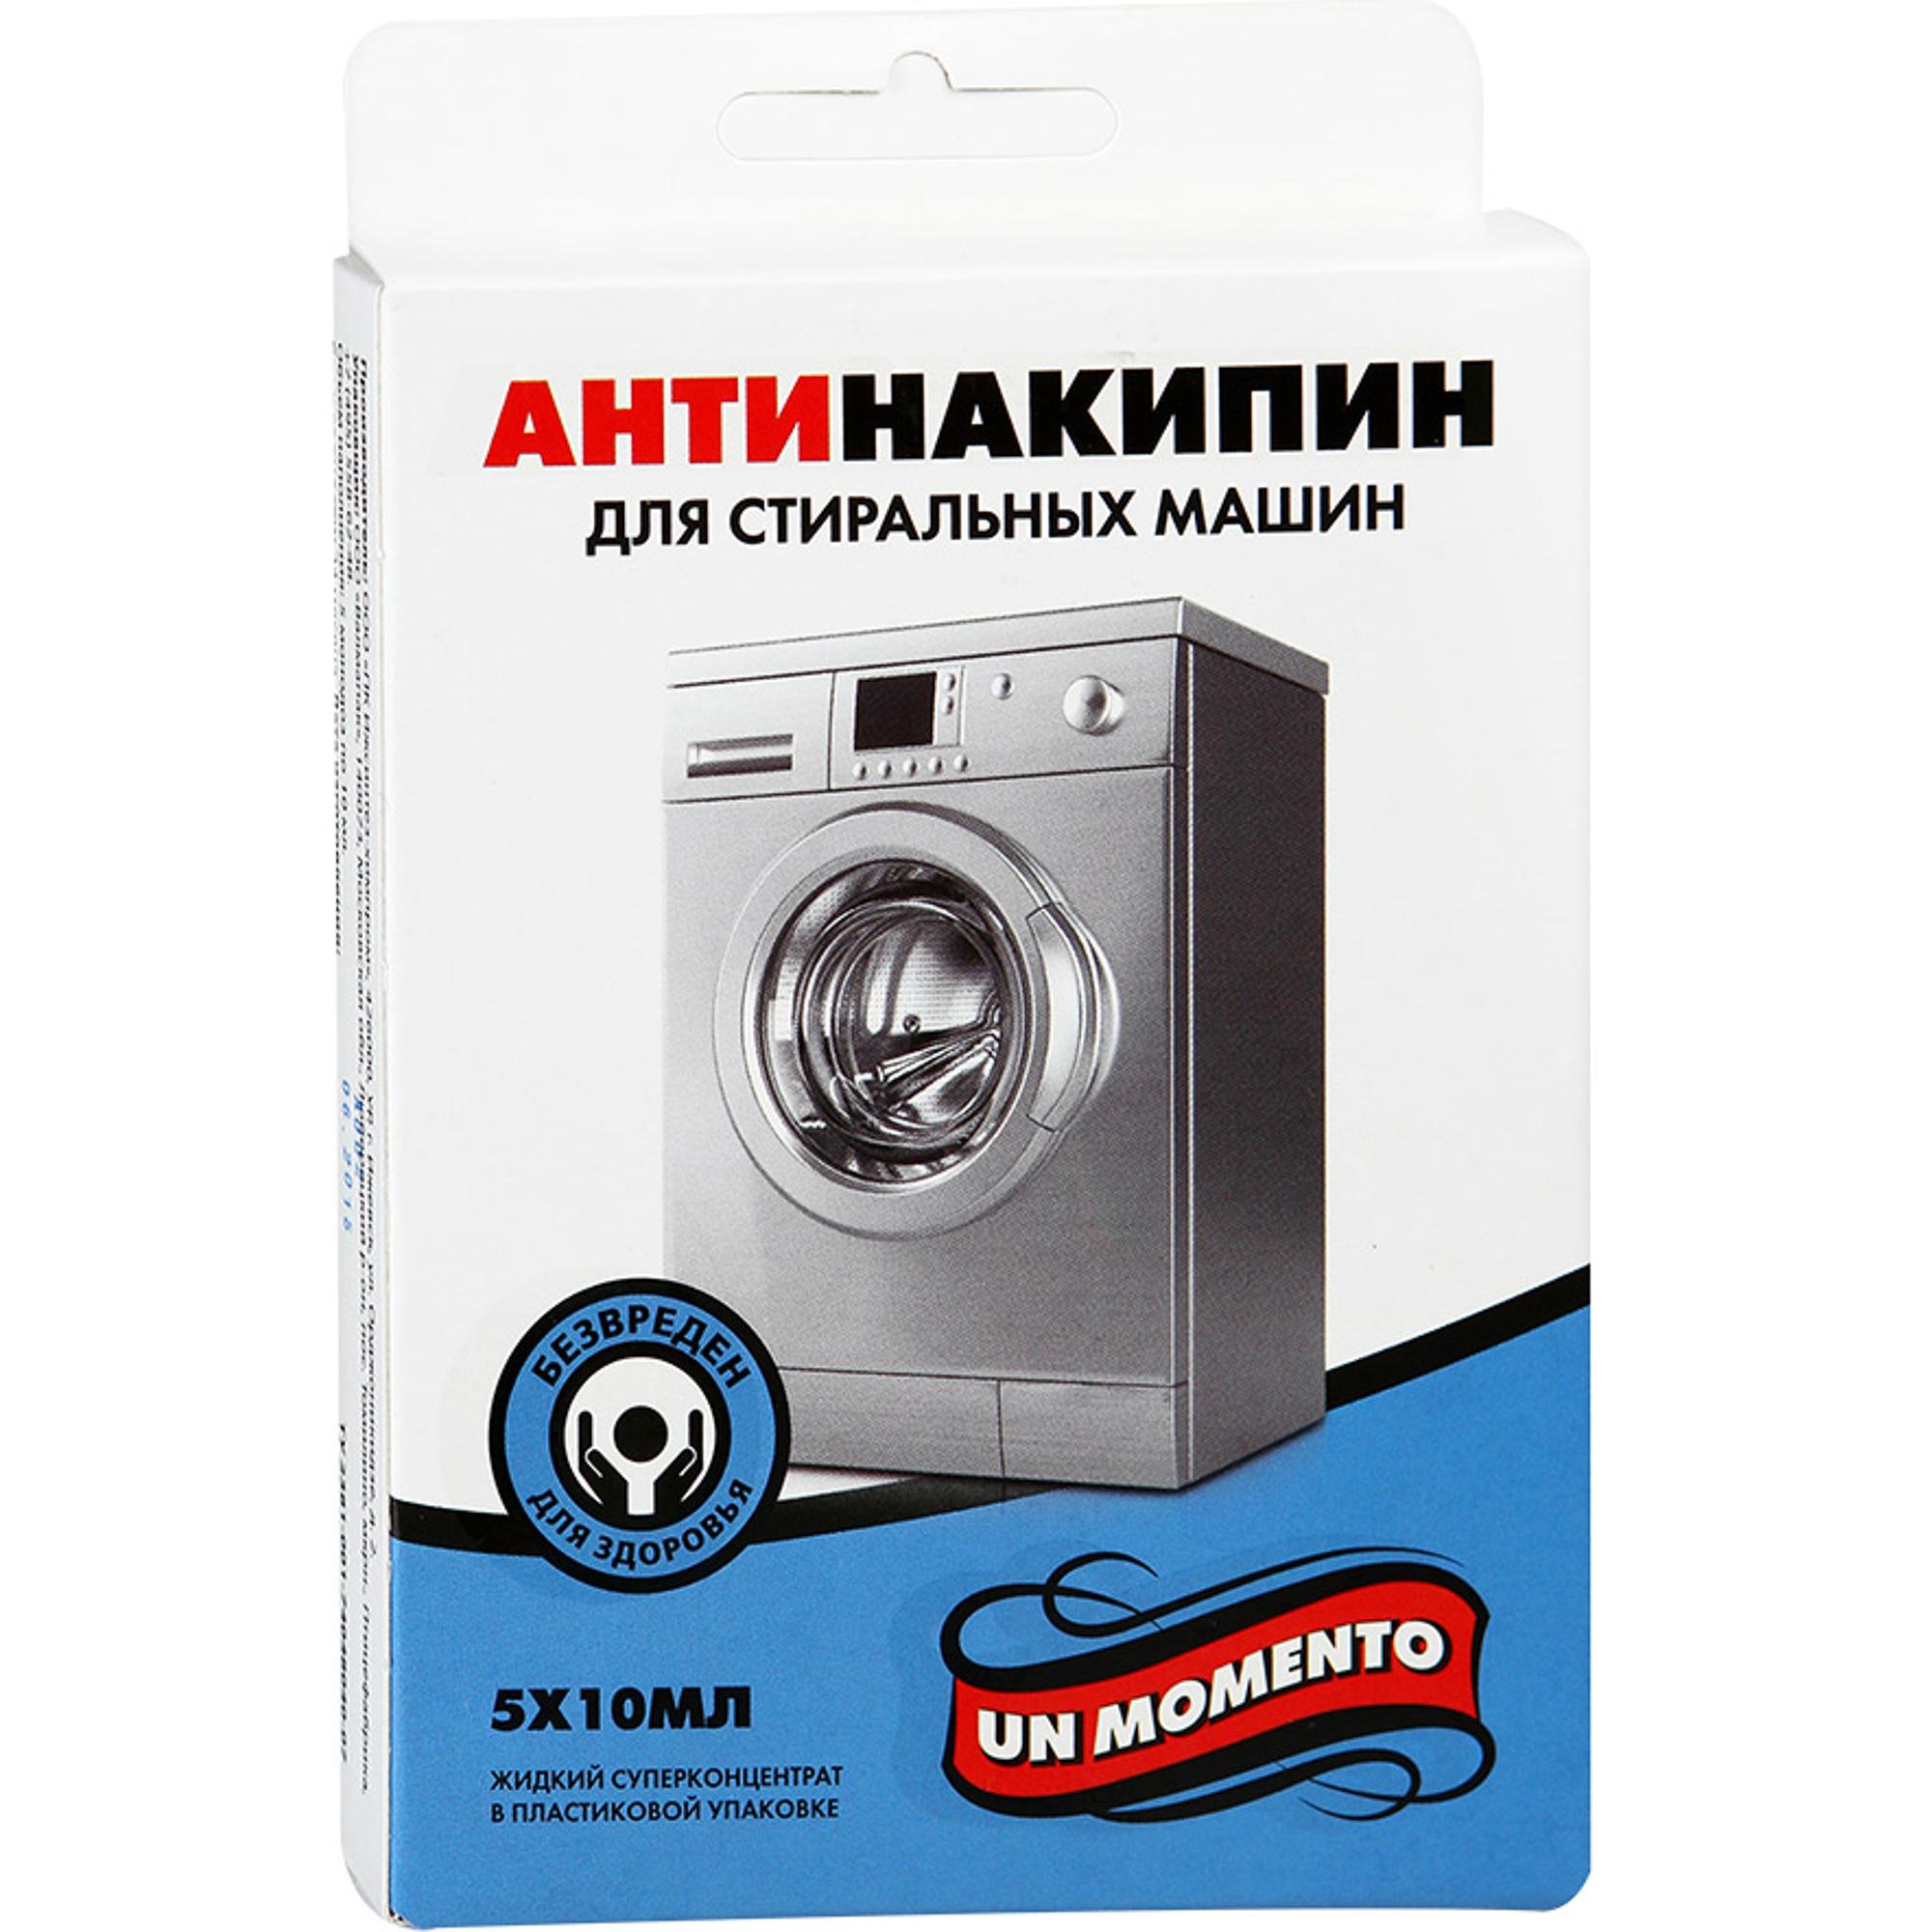 Средство от накипи Un Momento Антинакипин для стиральных машин 5x10 мл